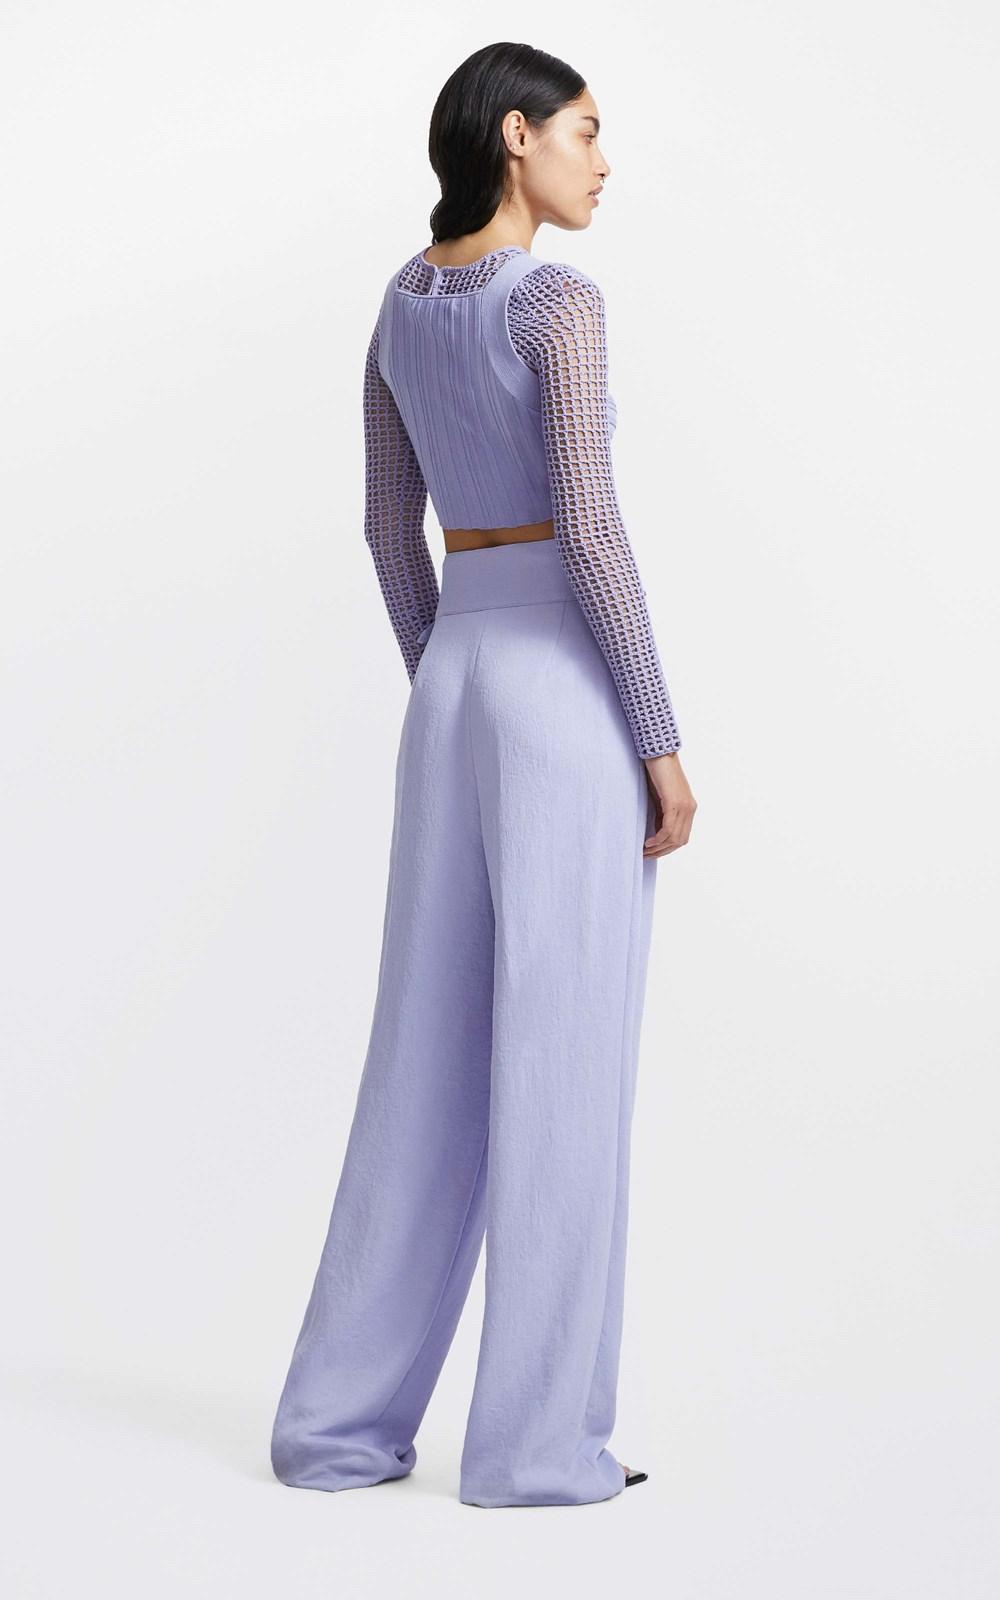 Knitwear  | LUNG TWIST BRALETTE